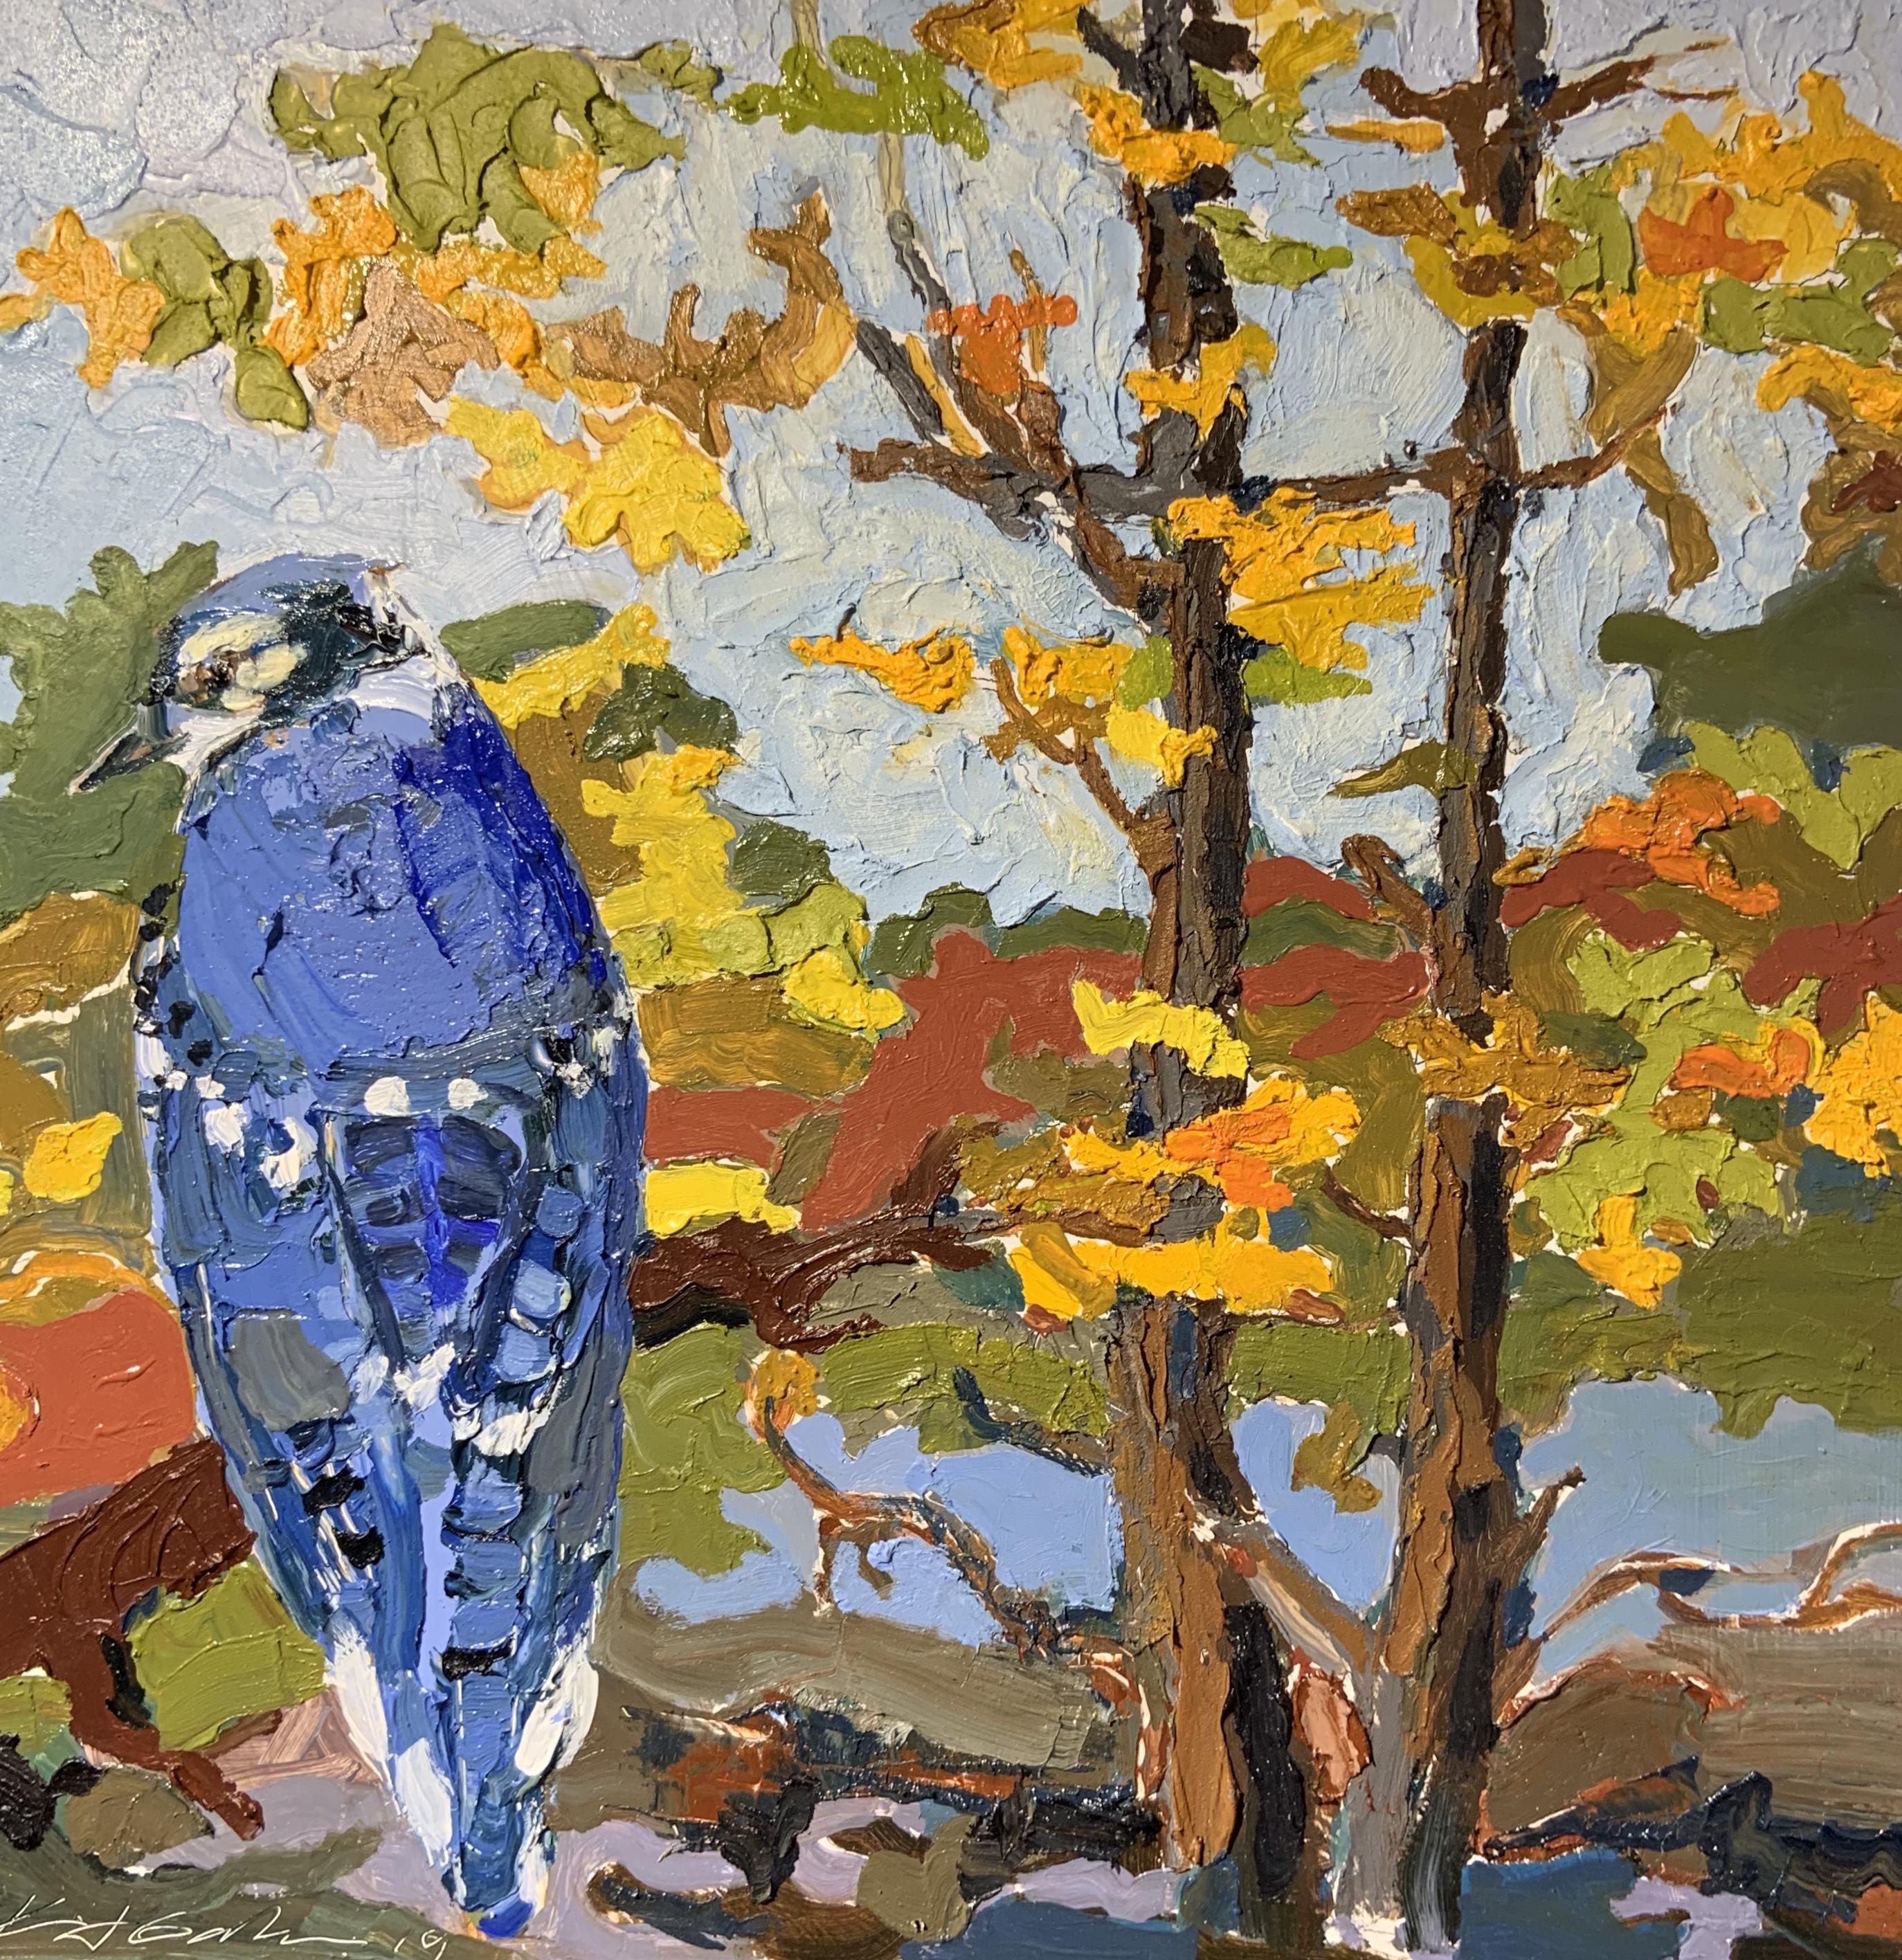 Blue Jay-Garber, oil 12x12 $900